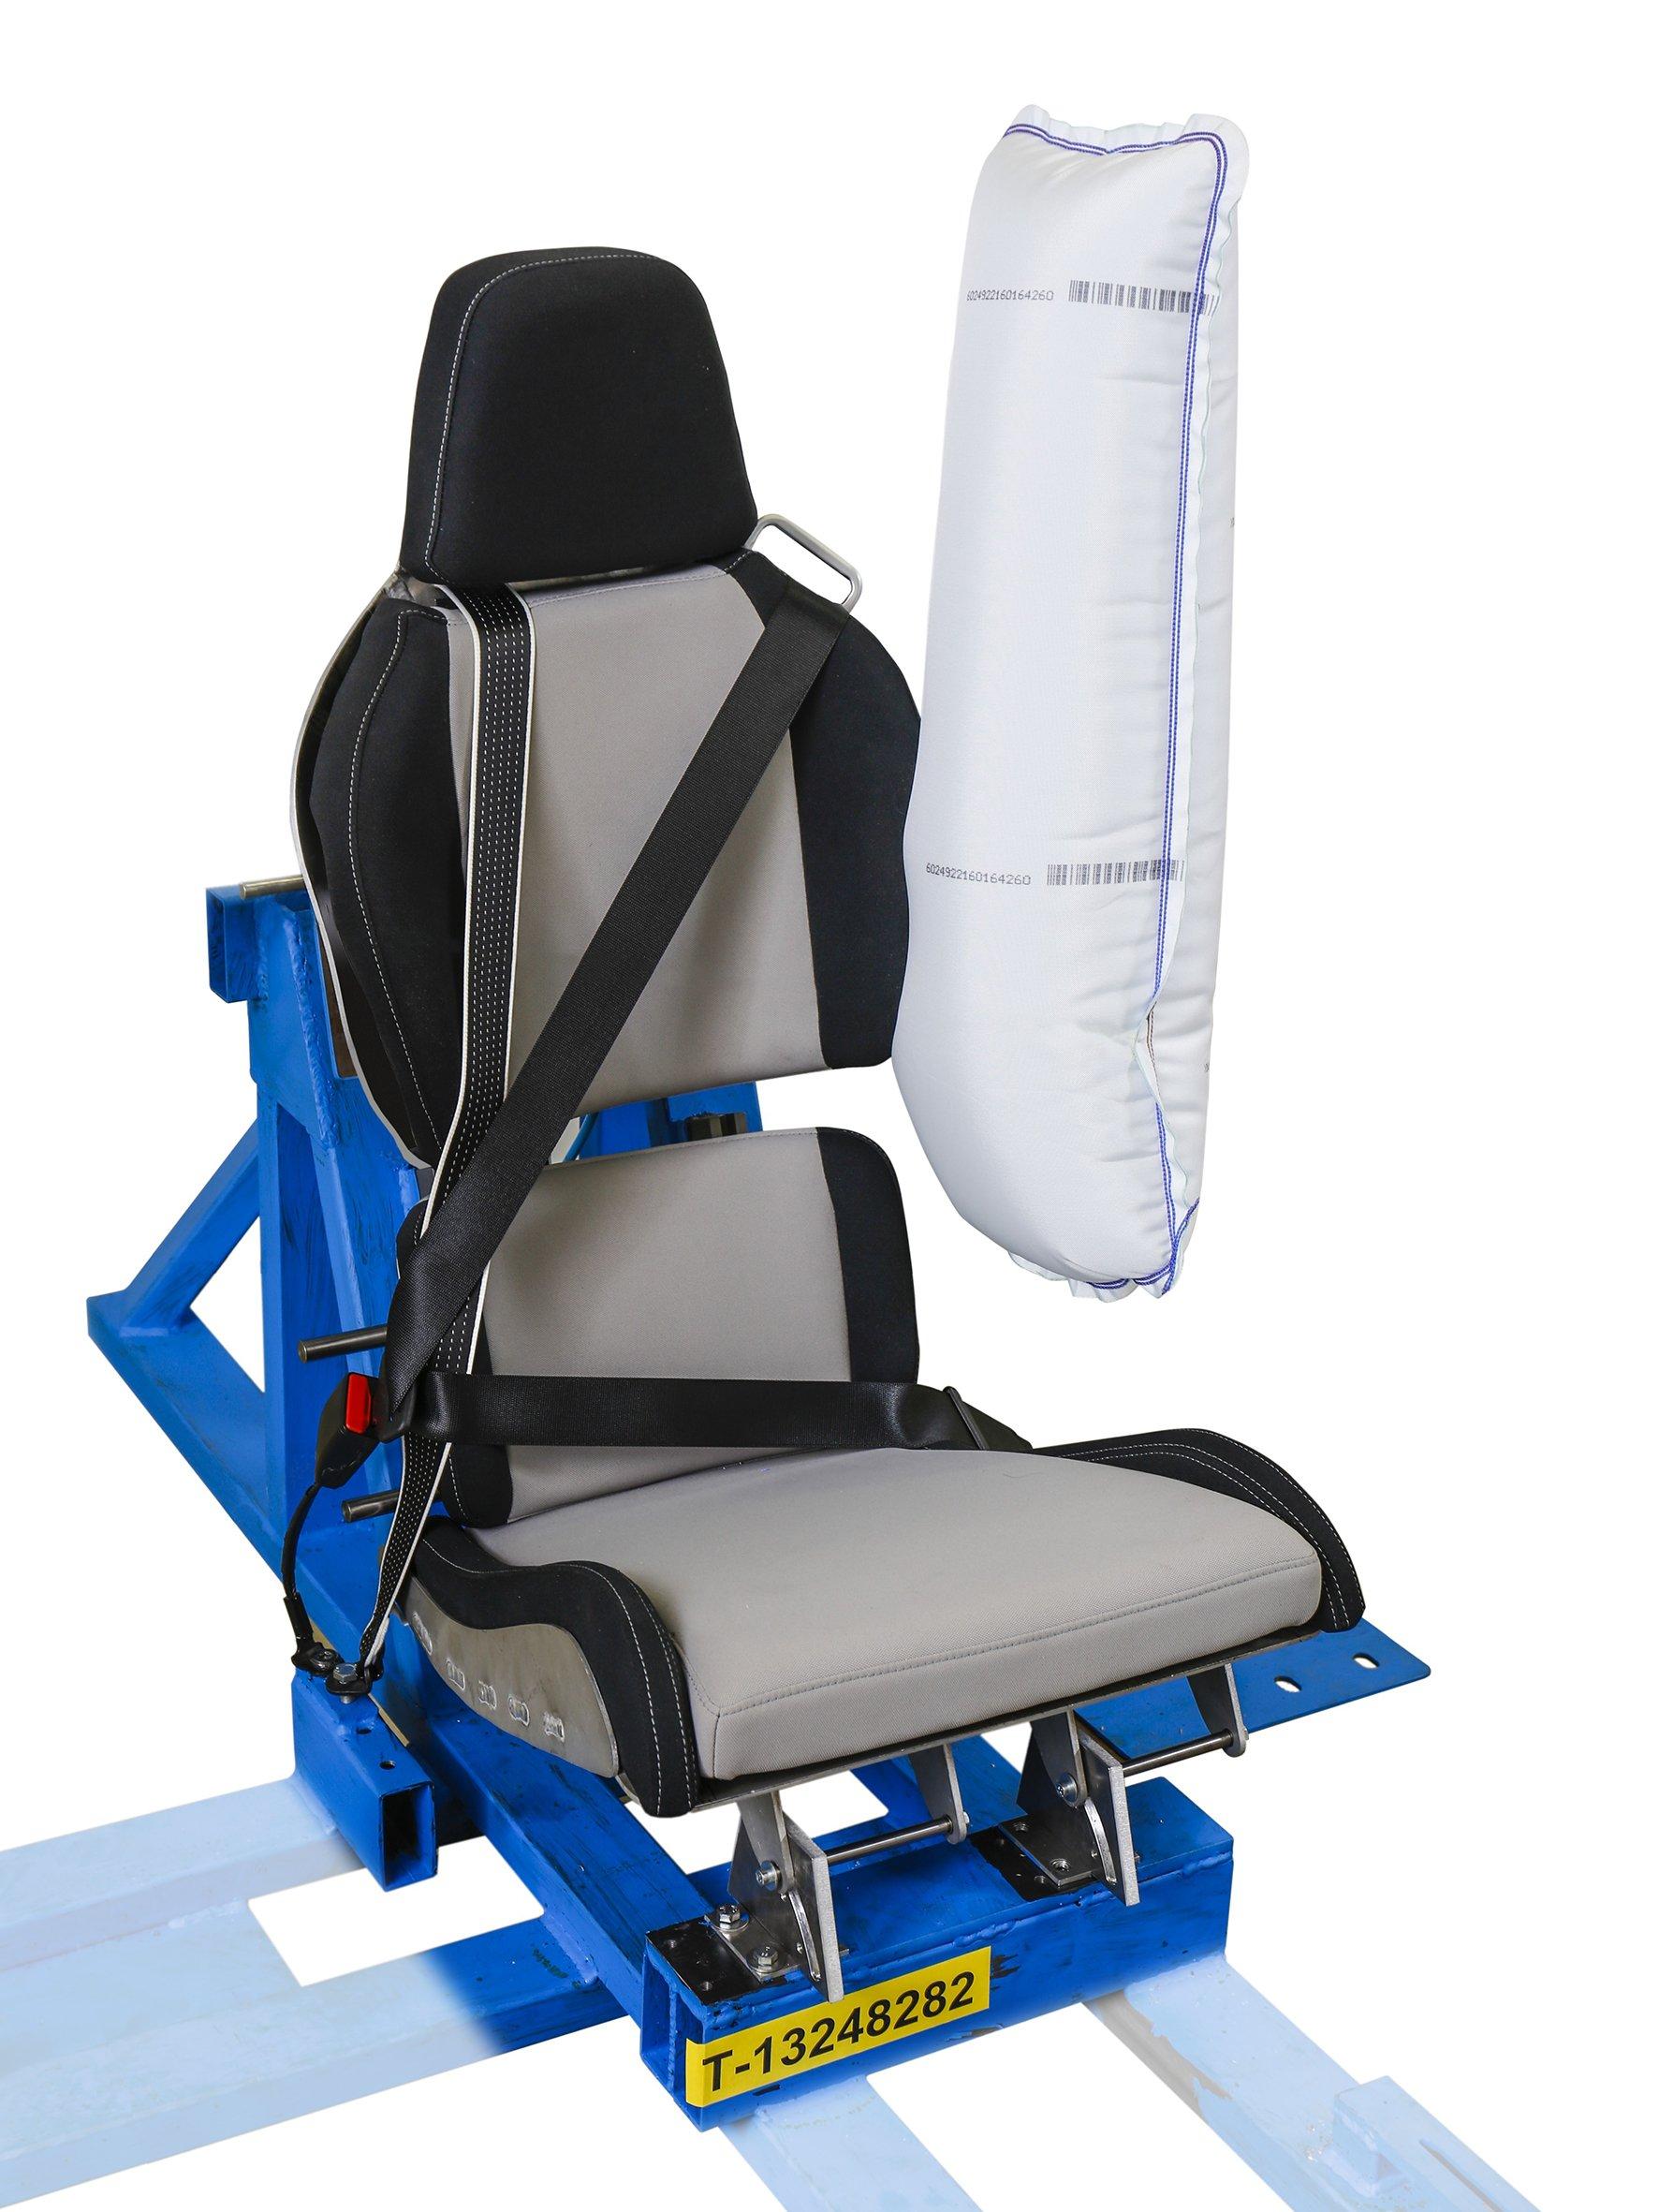 Sitzkonstruktion des Visio.M mit Seitenairbag, Drei-und-Zwei-Punkt-Gurtsystem und Innenverschiebung des Sitzes.